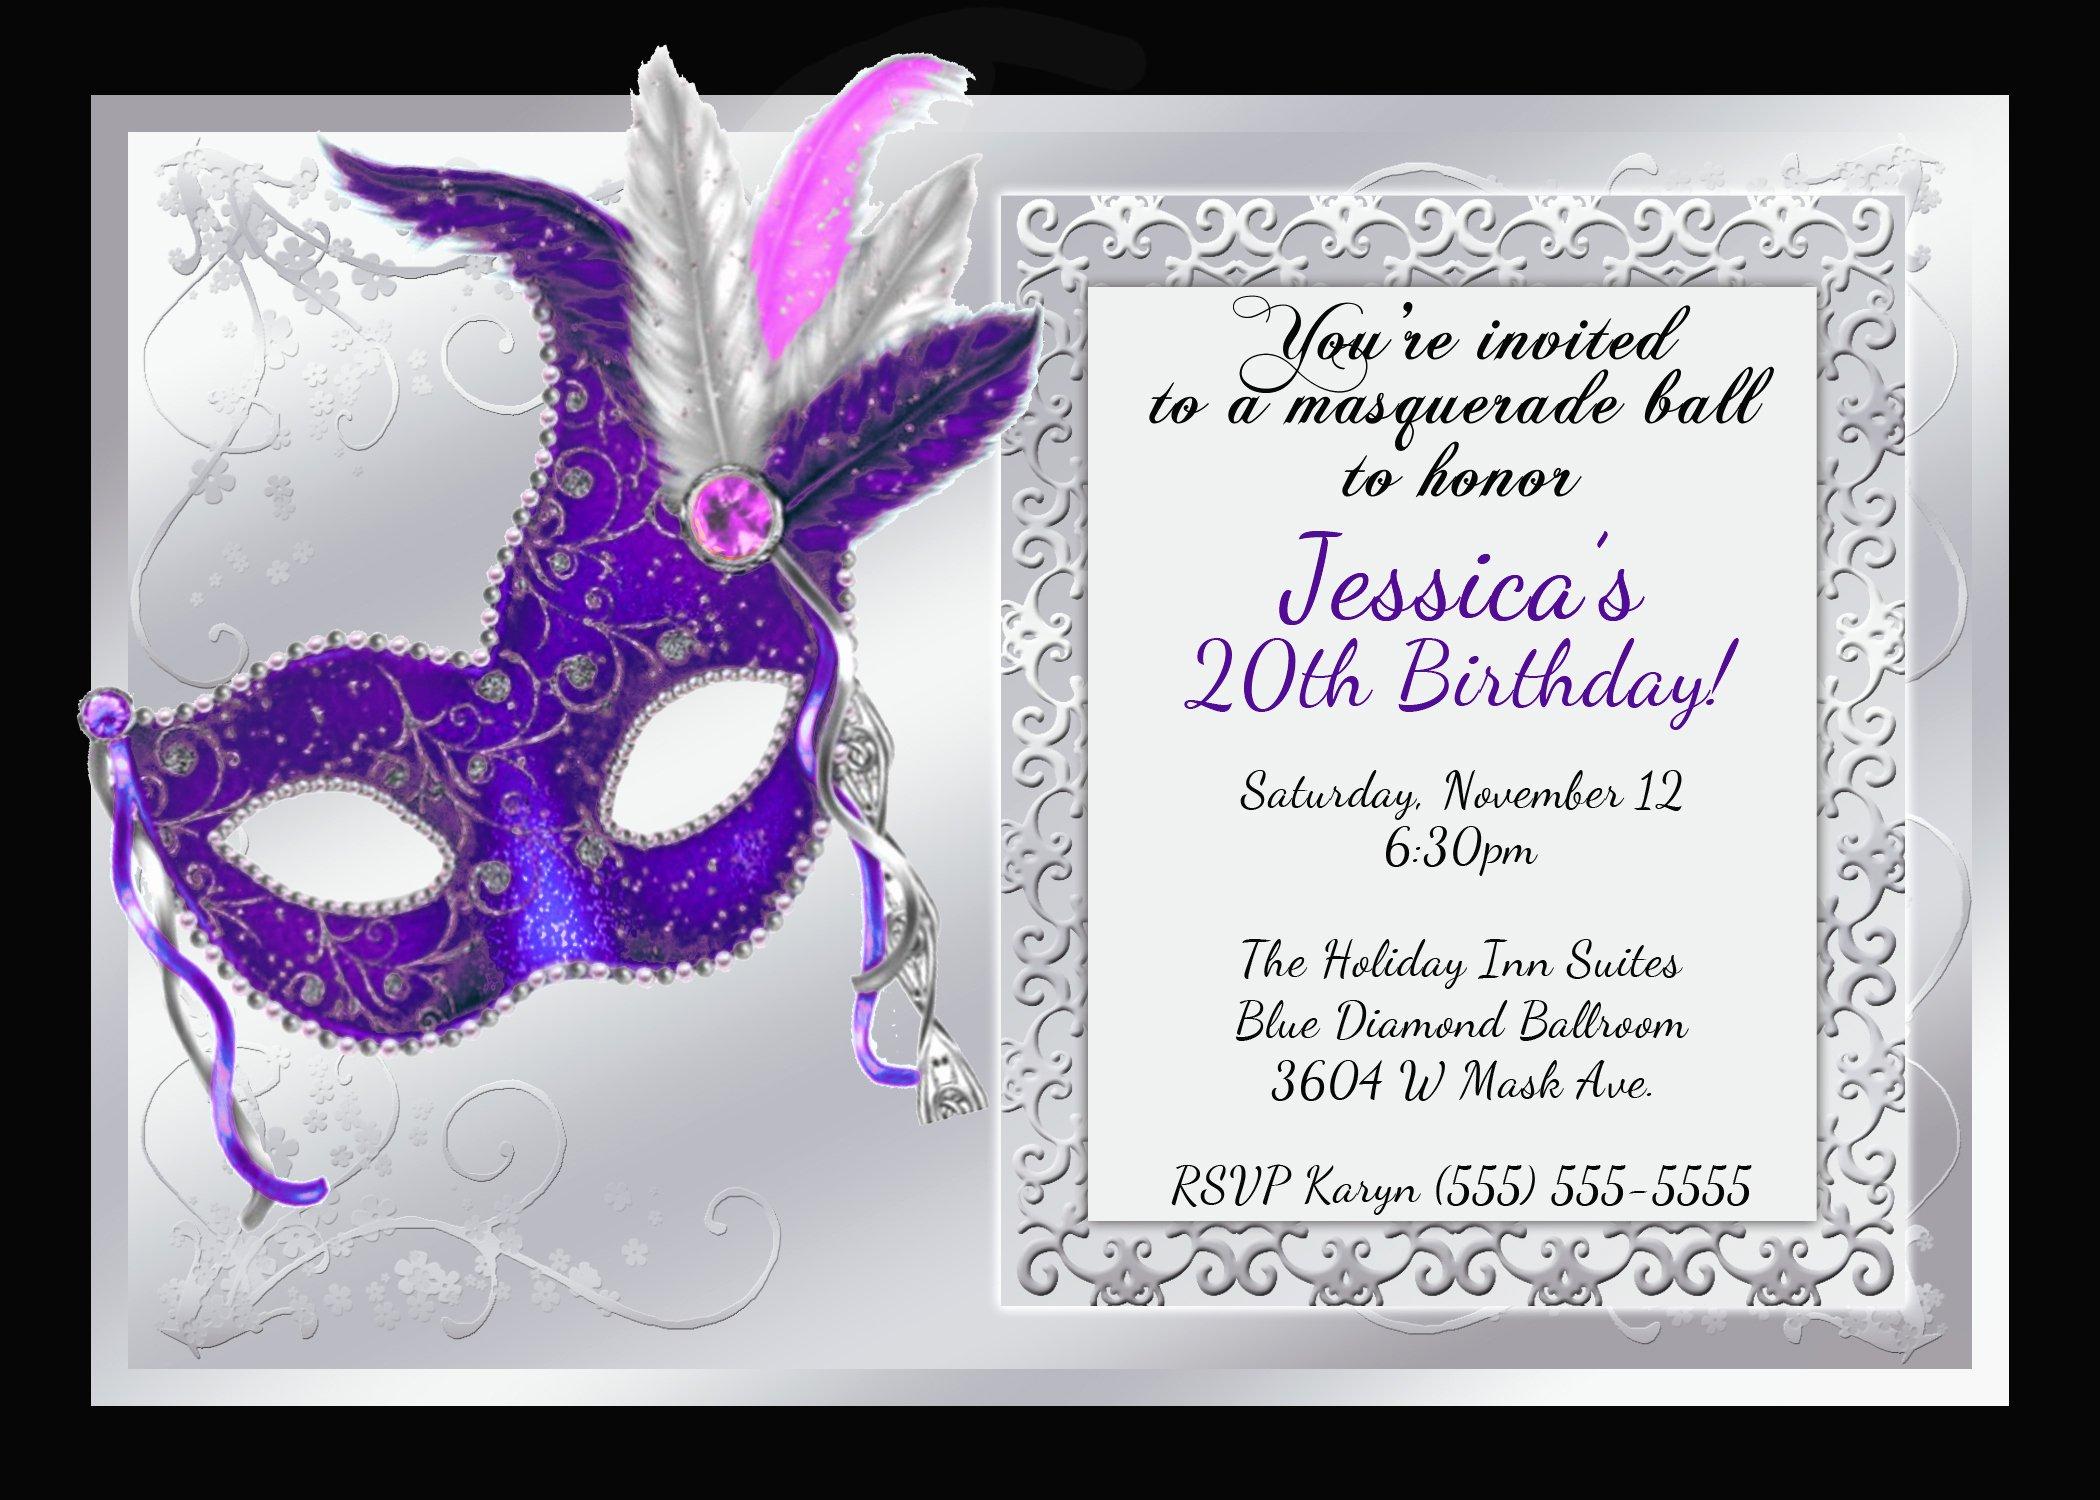 Masquerade Invitations Template Free Luxury Mardi Gras and Masquerade Birthday Invitations